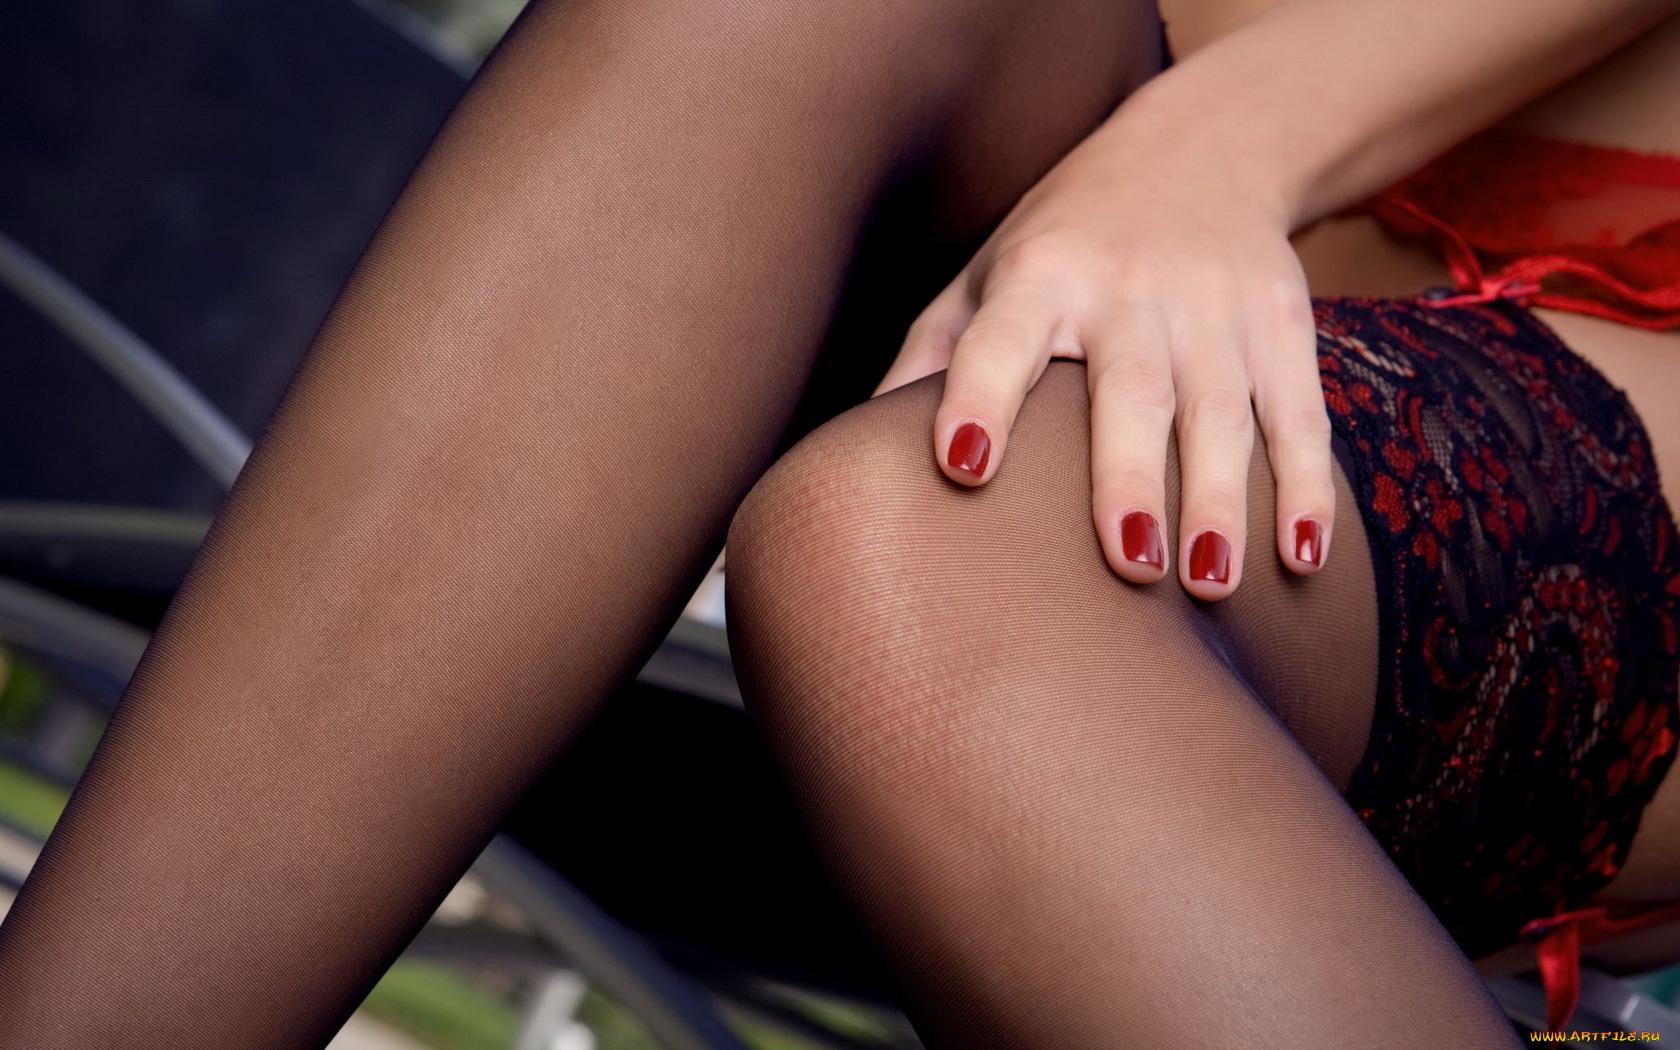 Фото писек женщин мастурбации, Большие и качественные порно фото женской 18 фотография